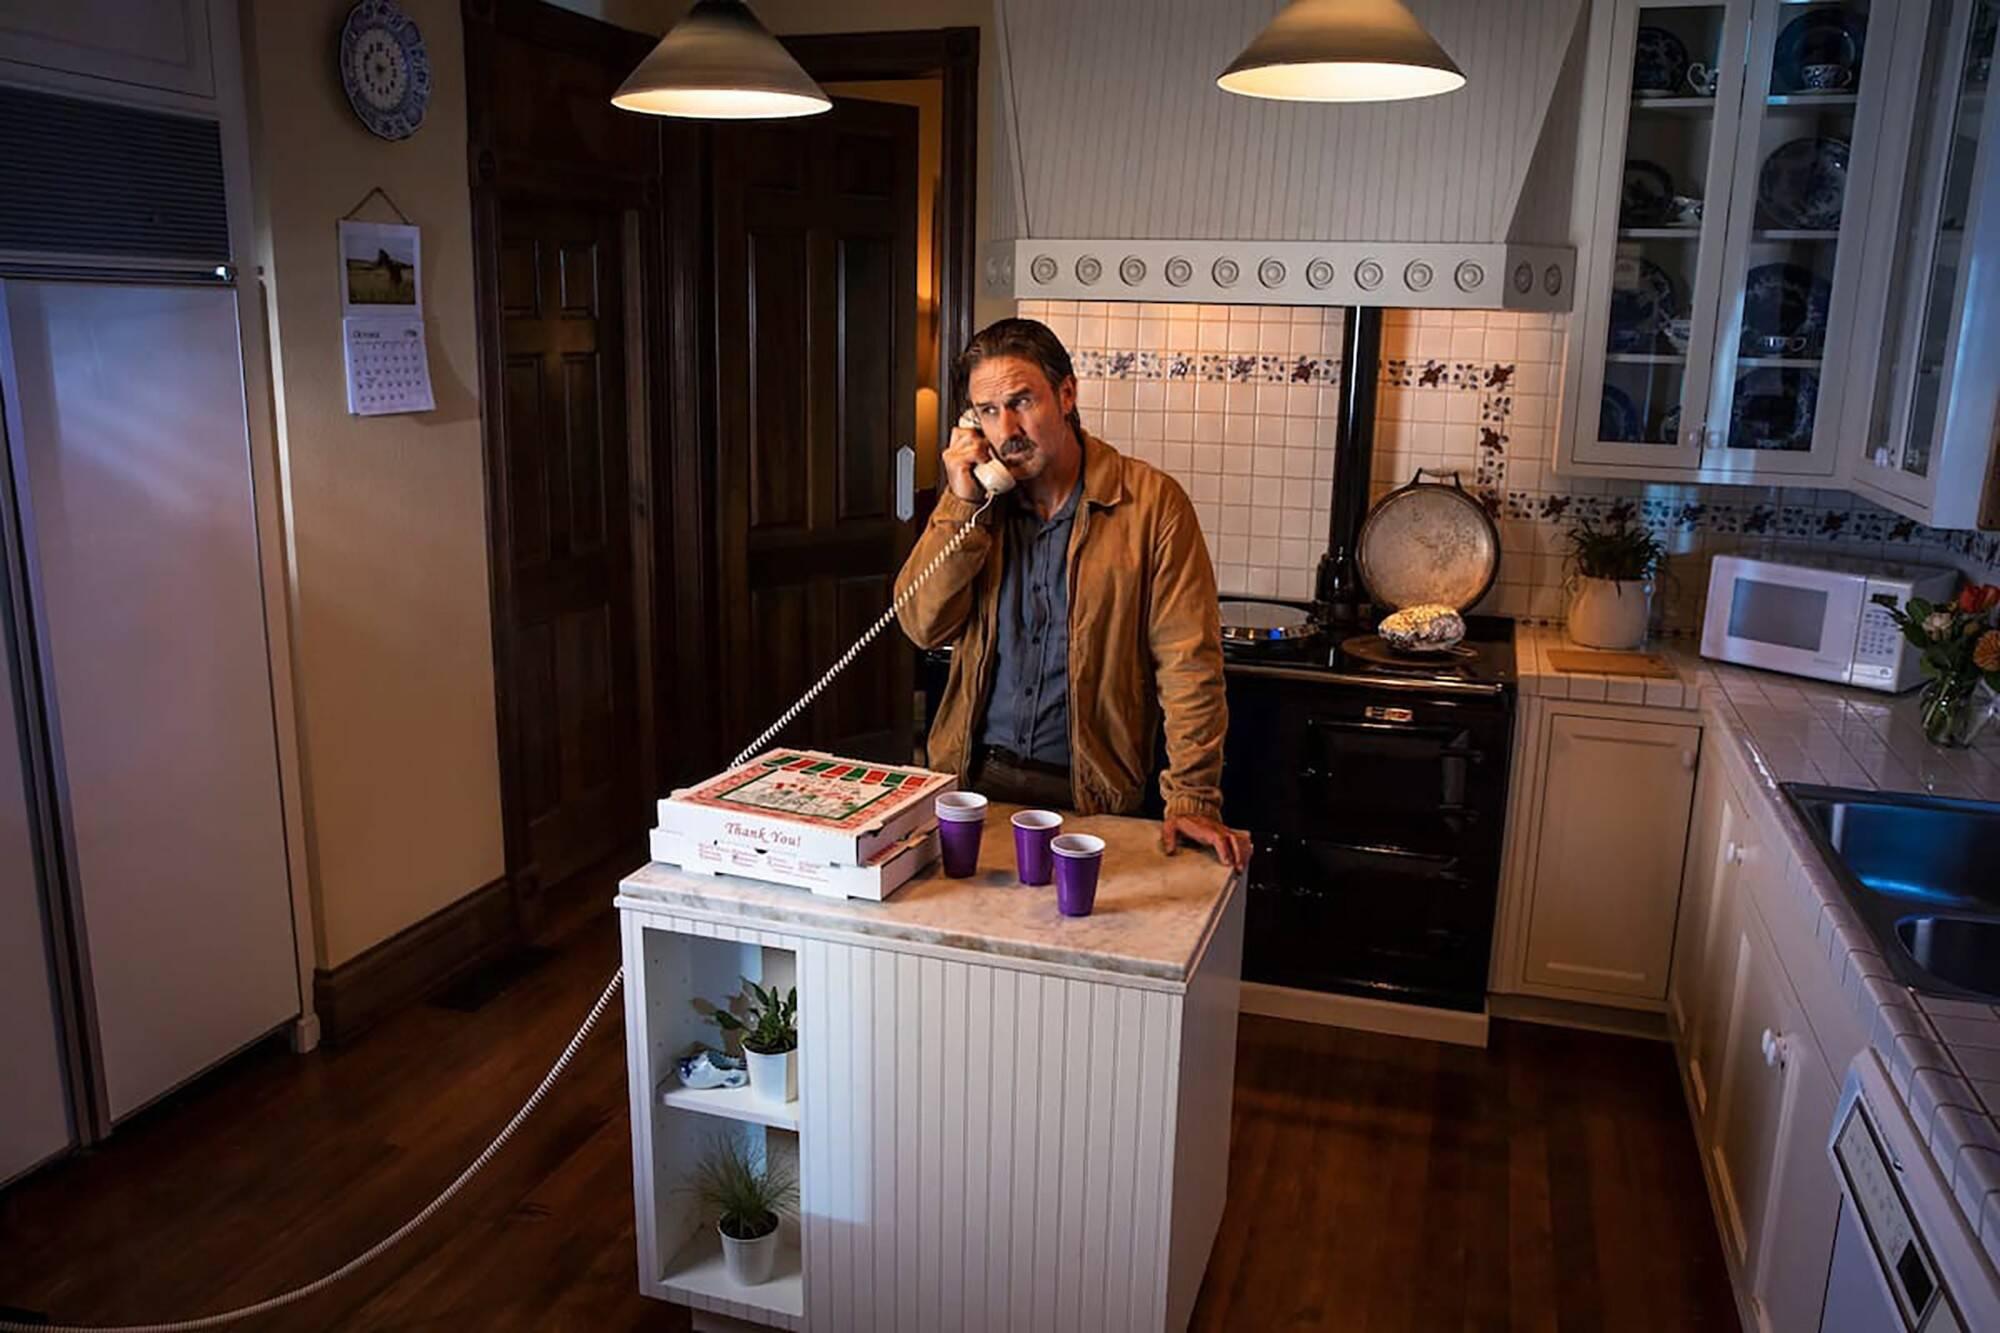 David Arquette na cozinha do filme. Foto: Reprodução/Airbnb